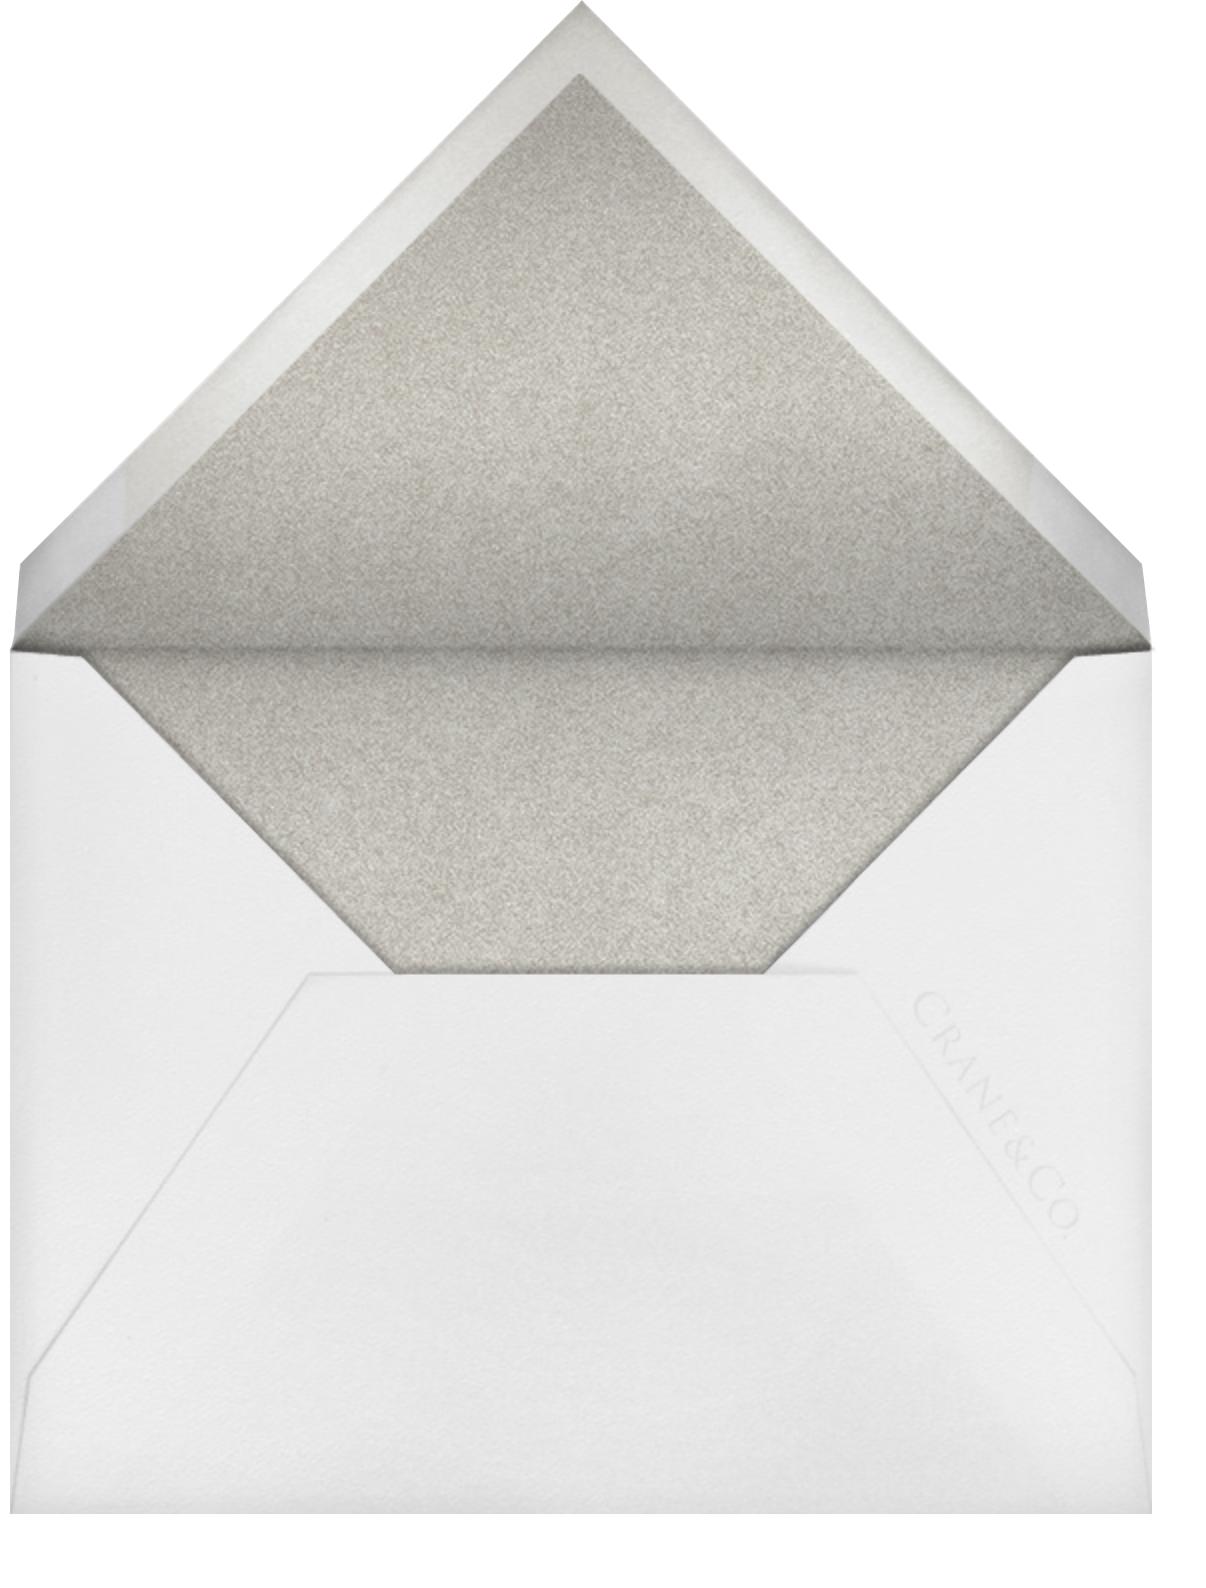 Gala - Platinum - Kelly Wearstler - All - envelope back